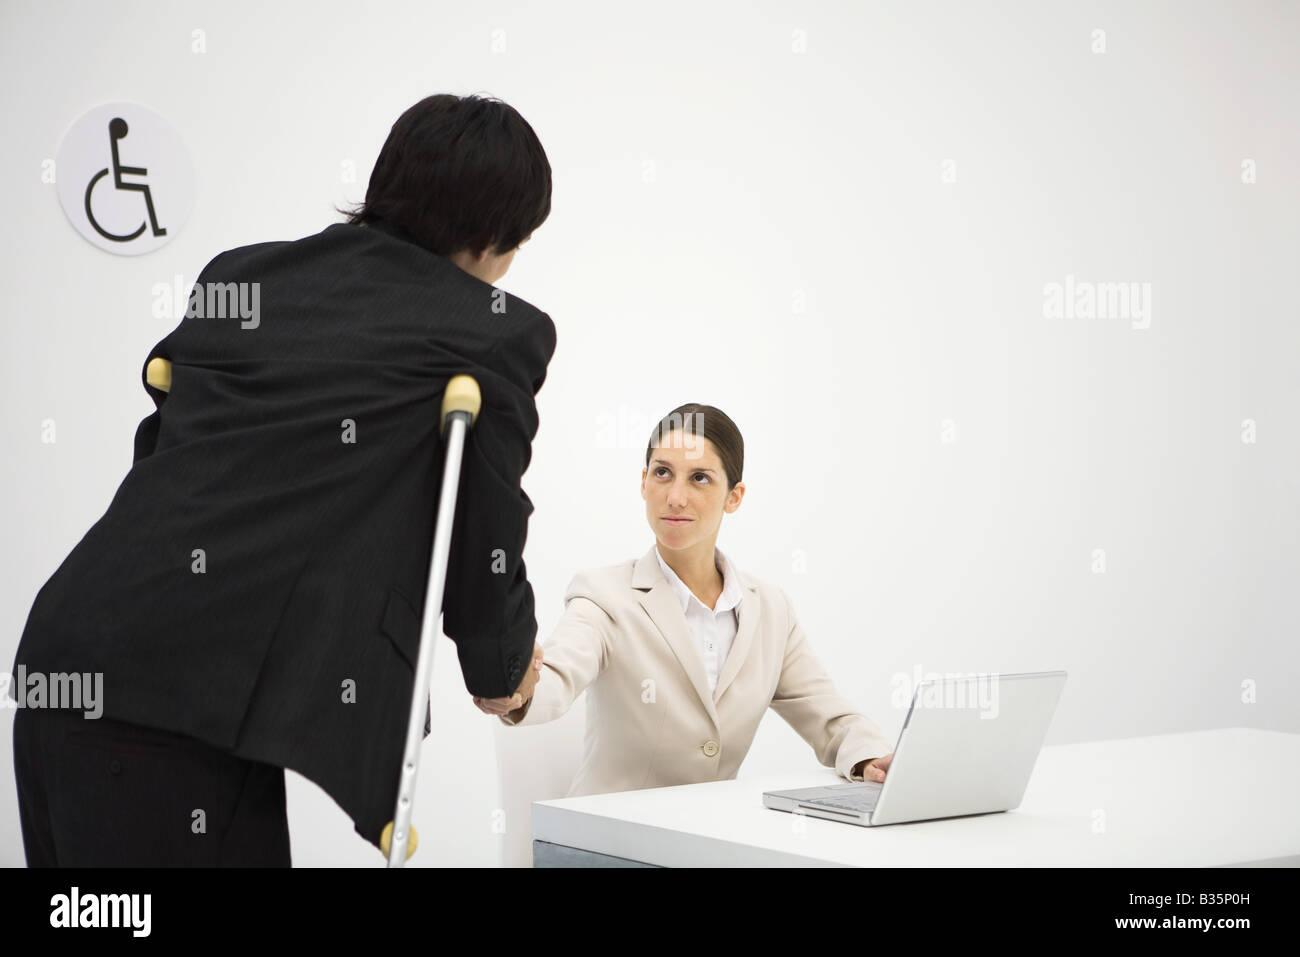 Berufstätige Frau Händeschütteln mit Mann auf Krücken Stockfoto